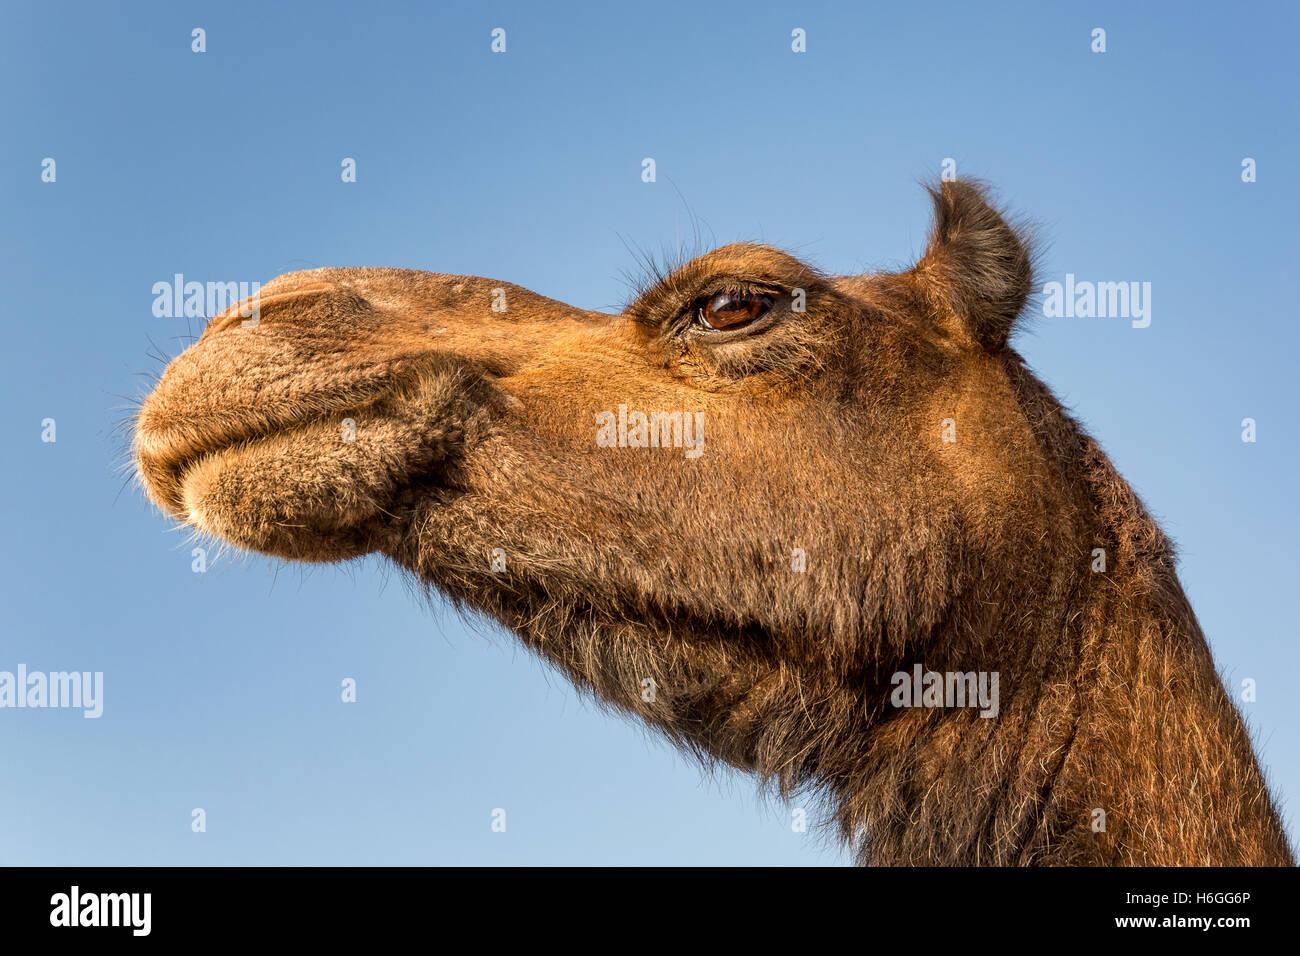 Cerca de los camellos (Camelus), India Imagen De Stock